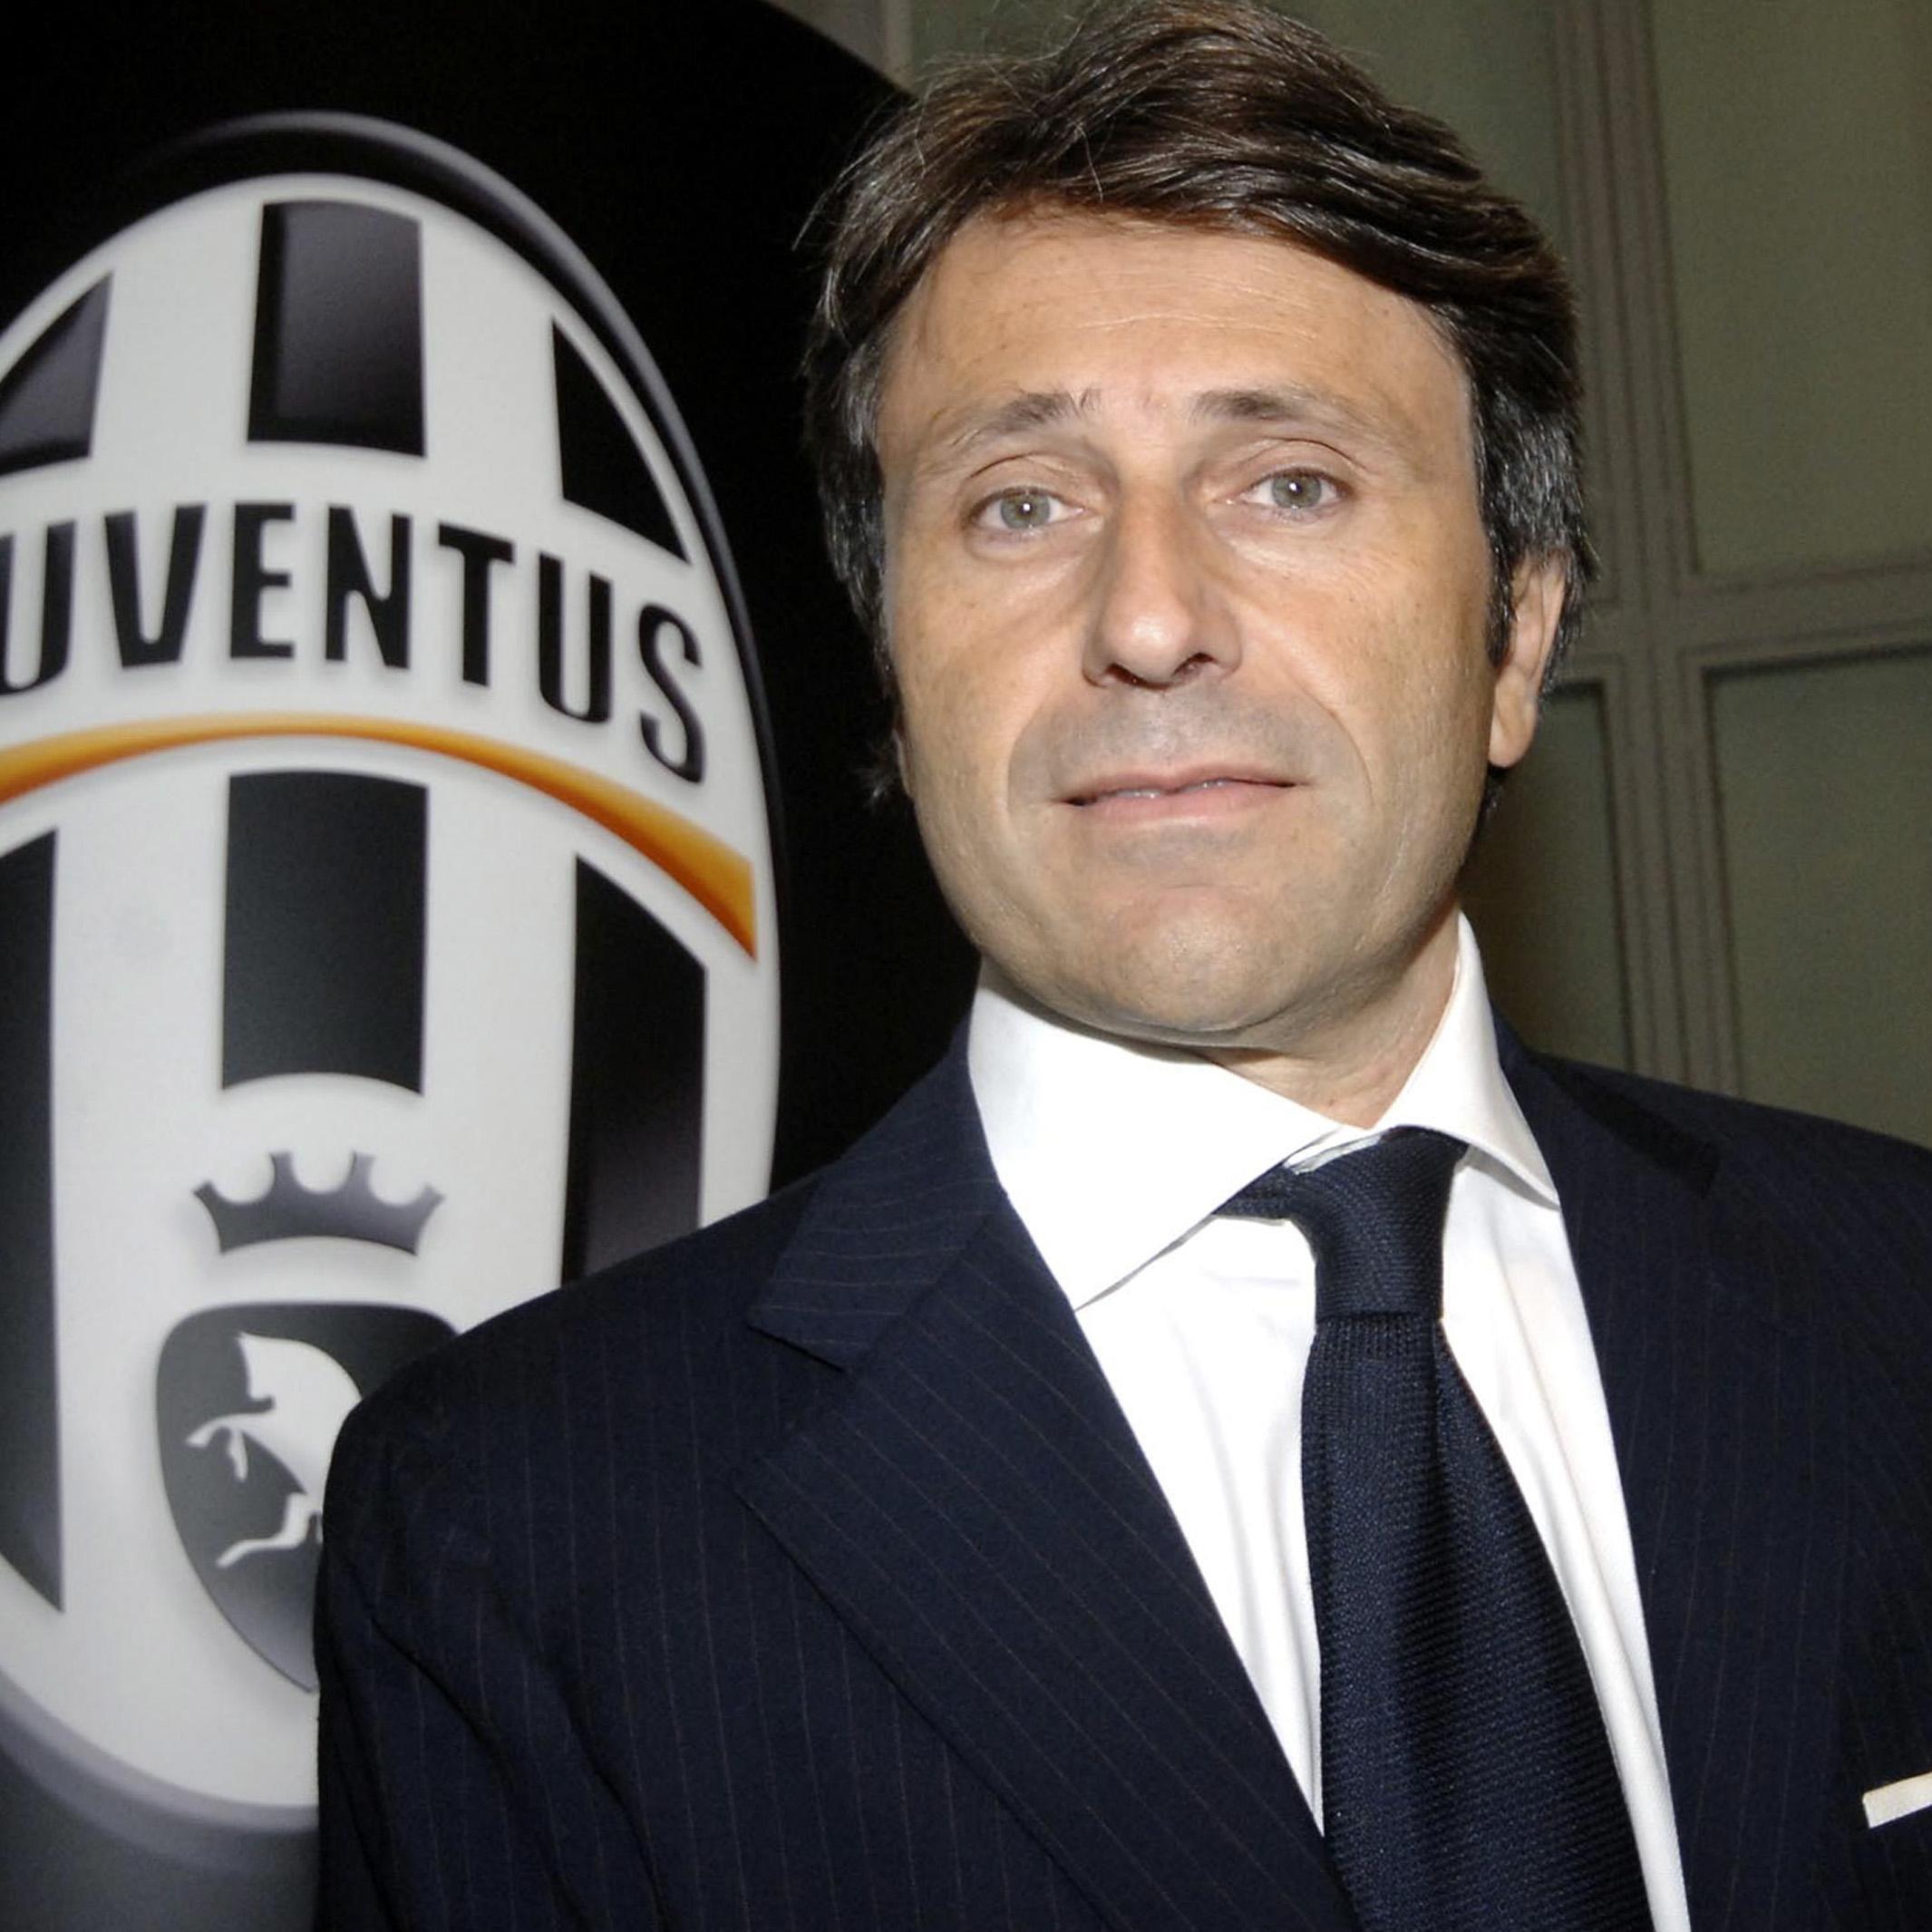 Juventus Turin verlangt Schadenersatz nach dem Manipulationsskandal von 2006.